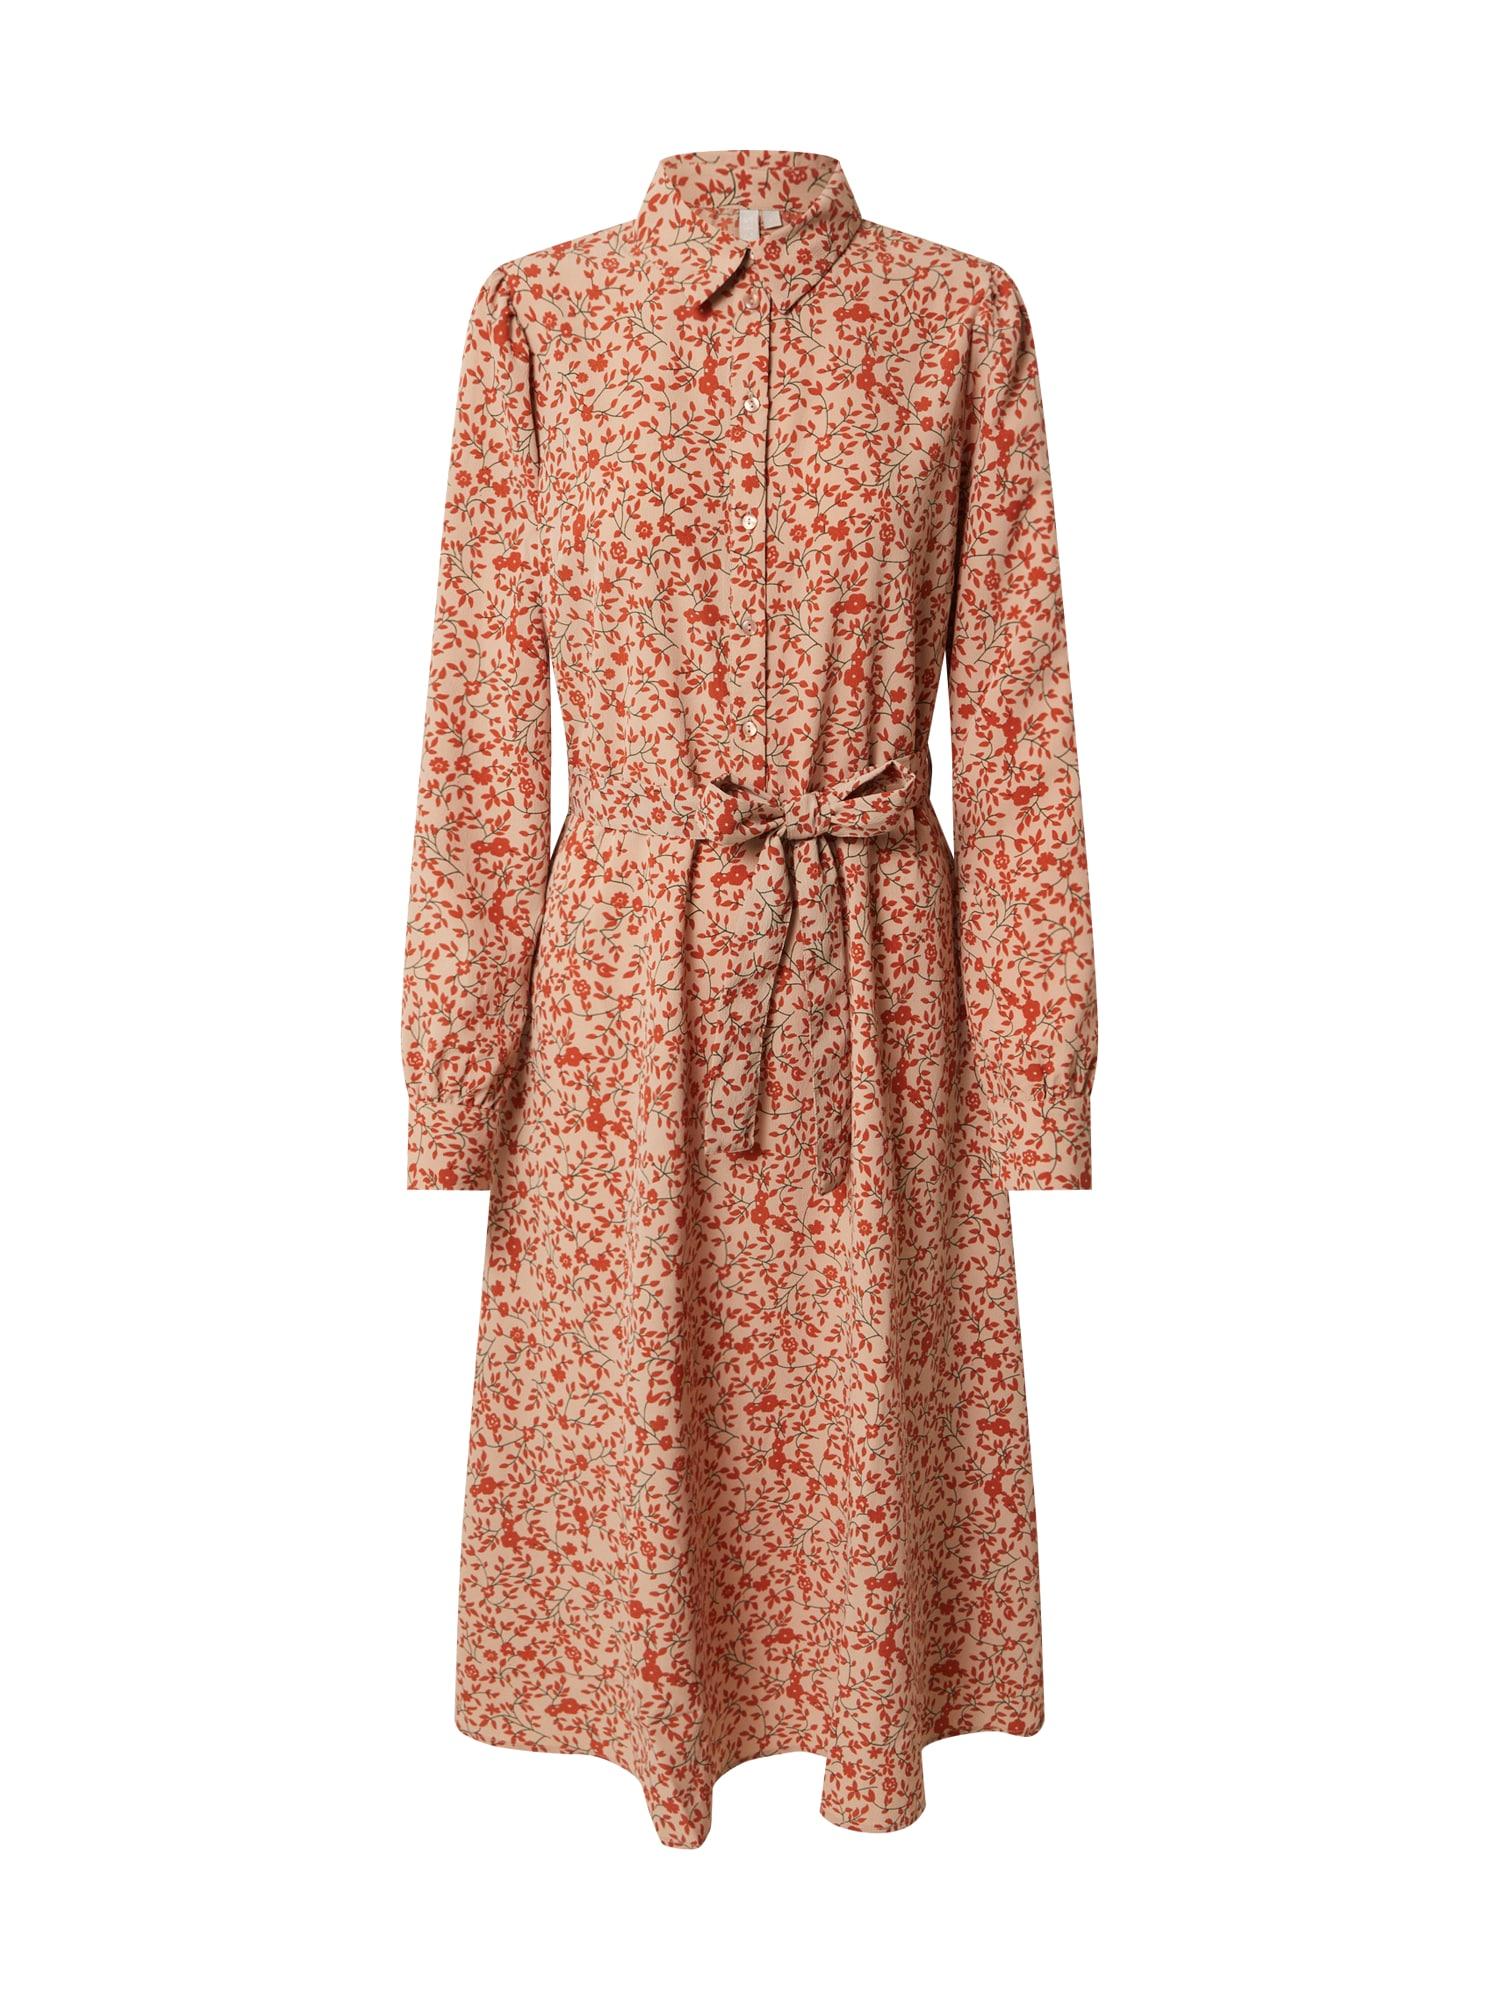 Pieces (Tall) Palaidinės tipo suknelė oranžinė / šviesiai oranžinė